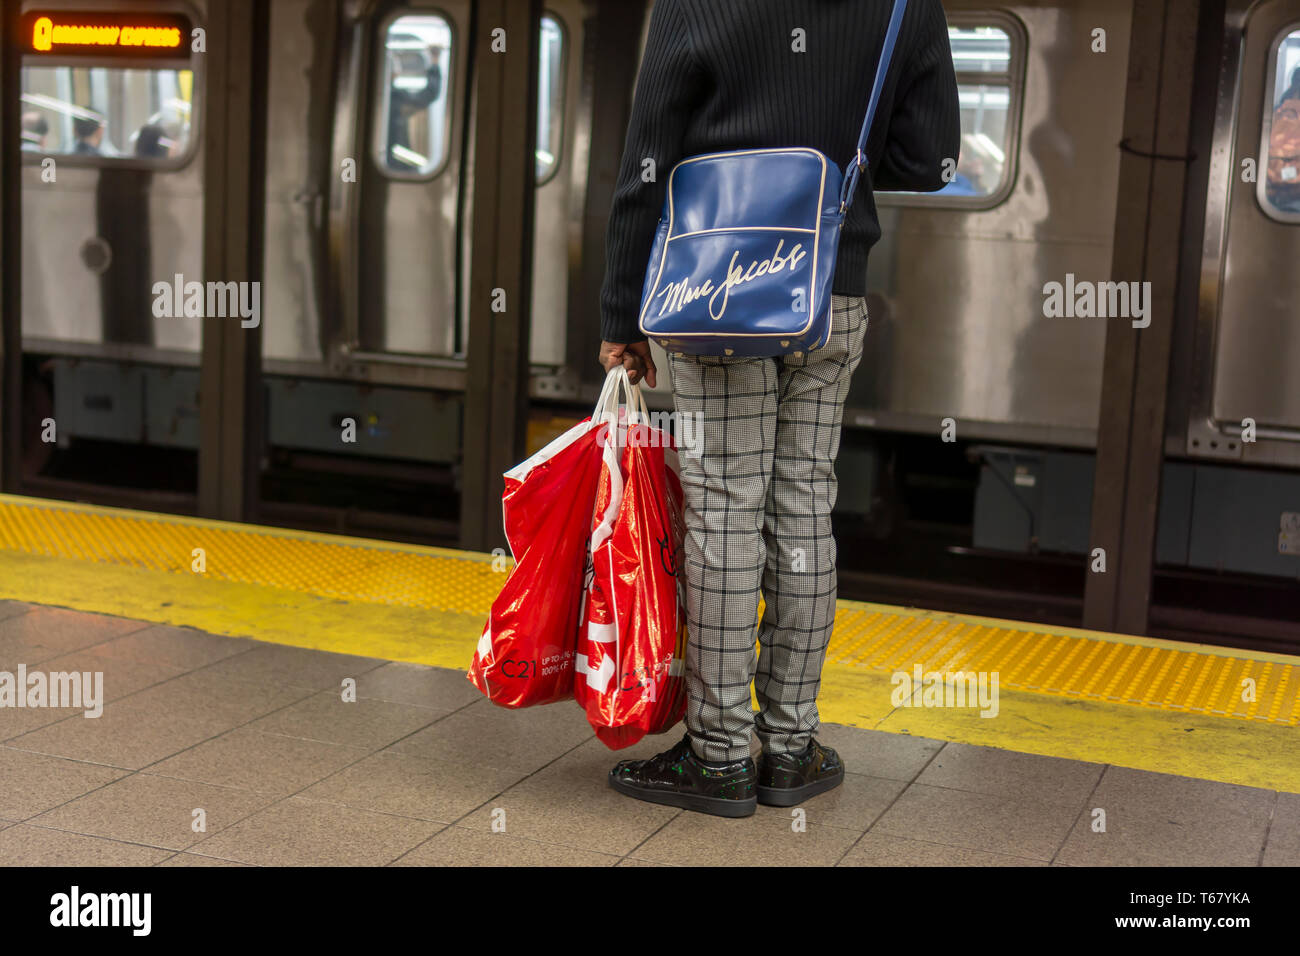 ced6a5eb6 Un comprador vistiendo su marca Marc Jacobs sobre el hombro mientras  llevaba su maletín de Century